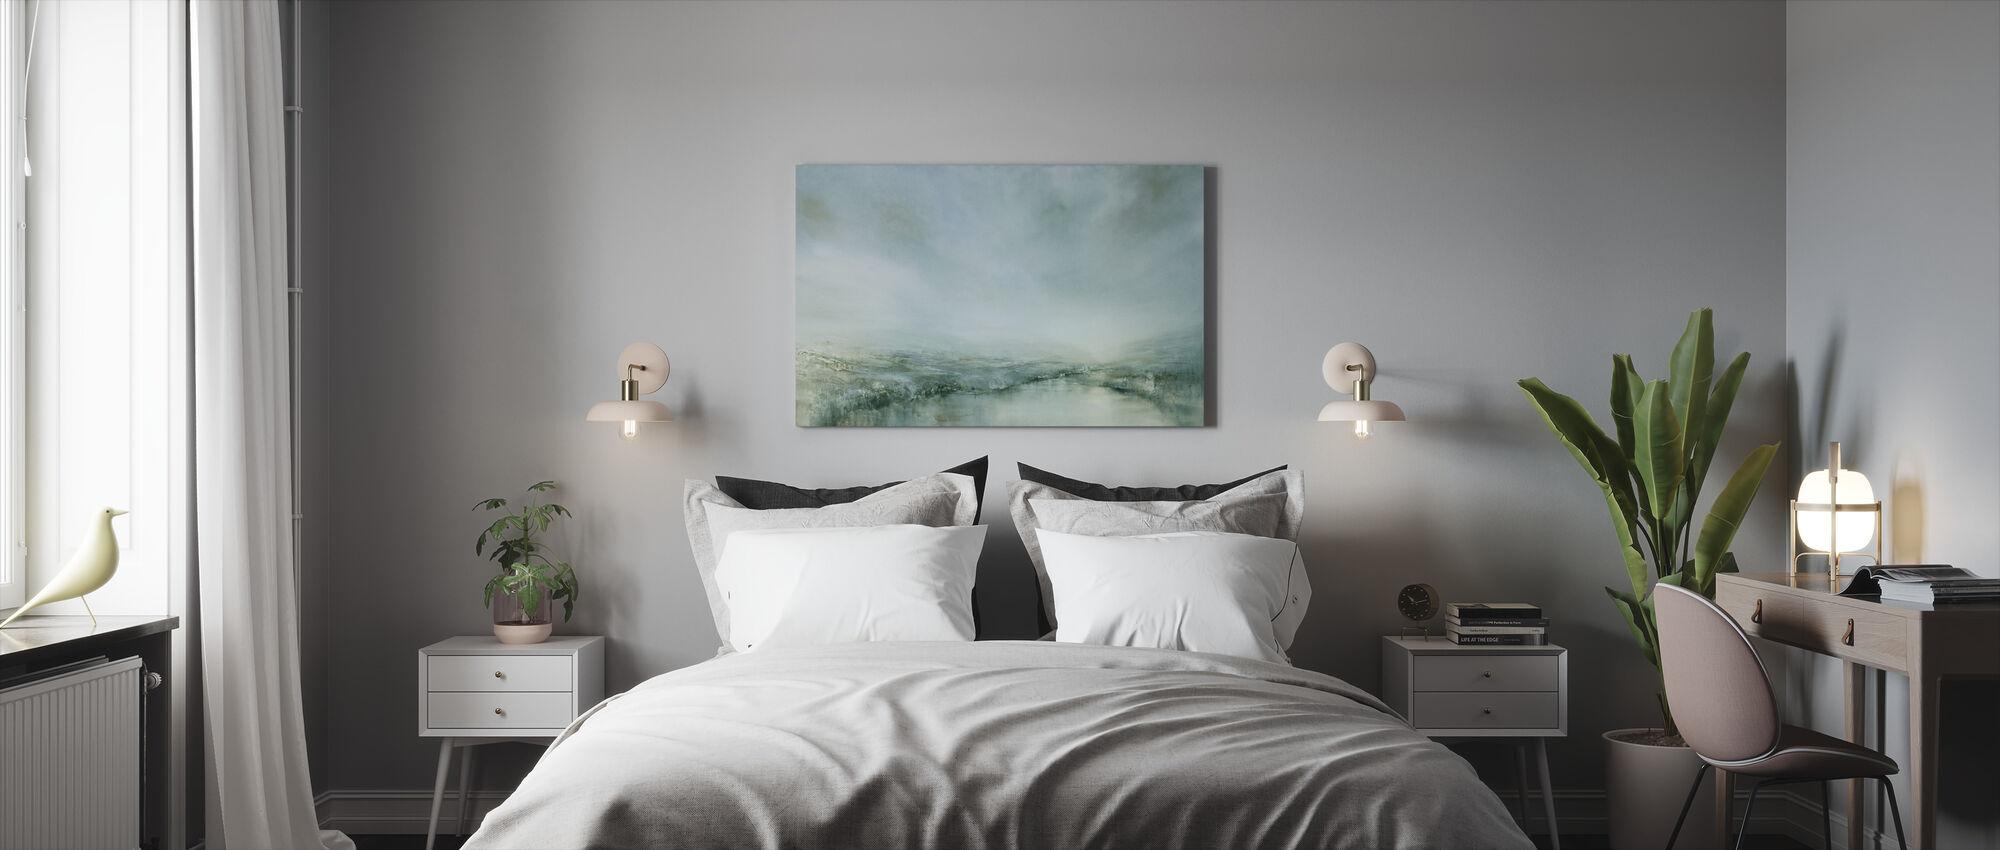 Aamukaste - Canvastaulu - Makuuhuone